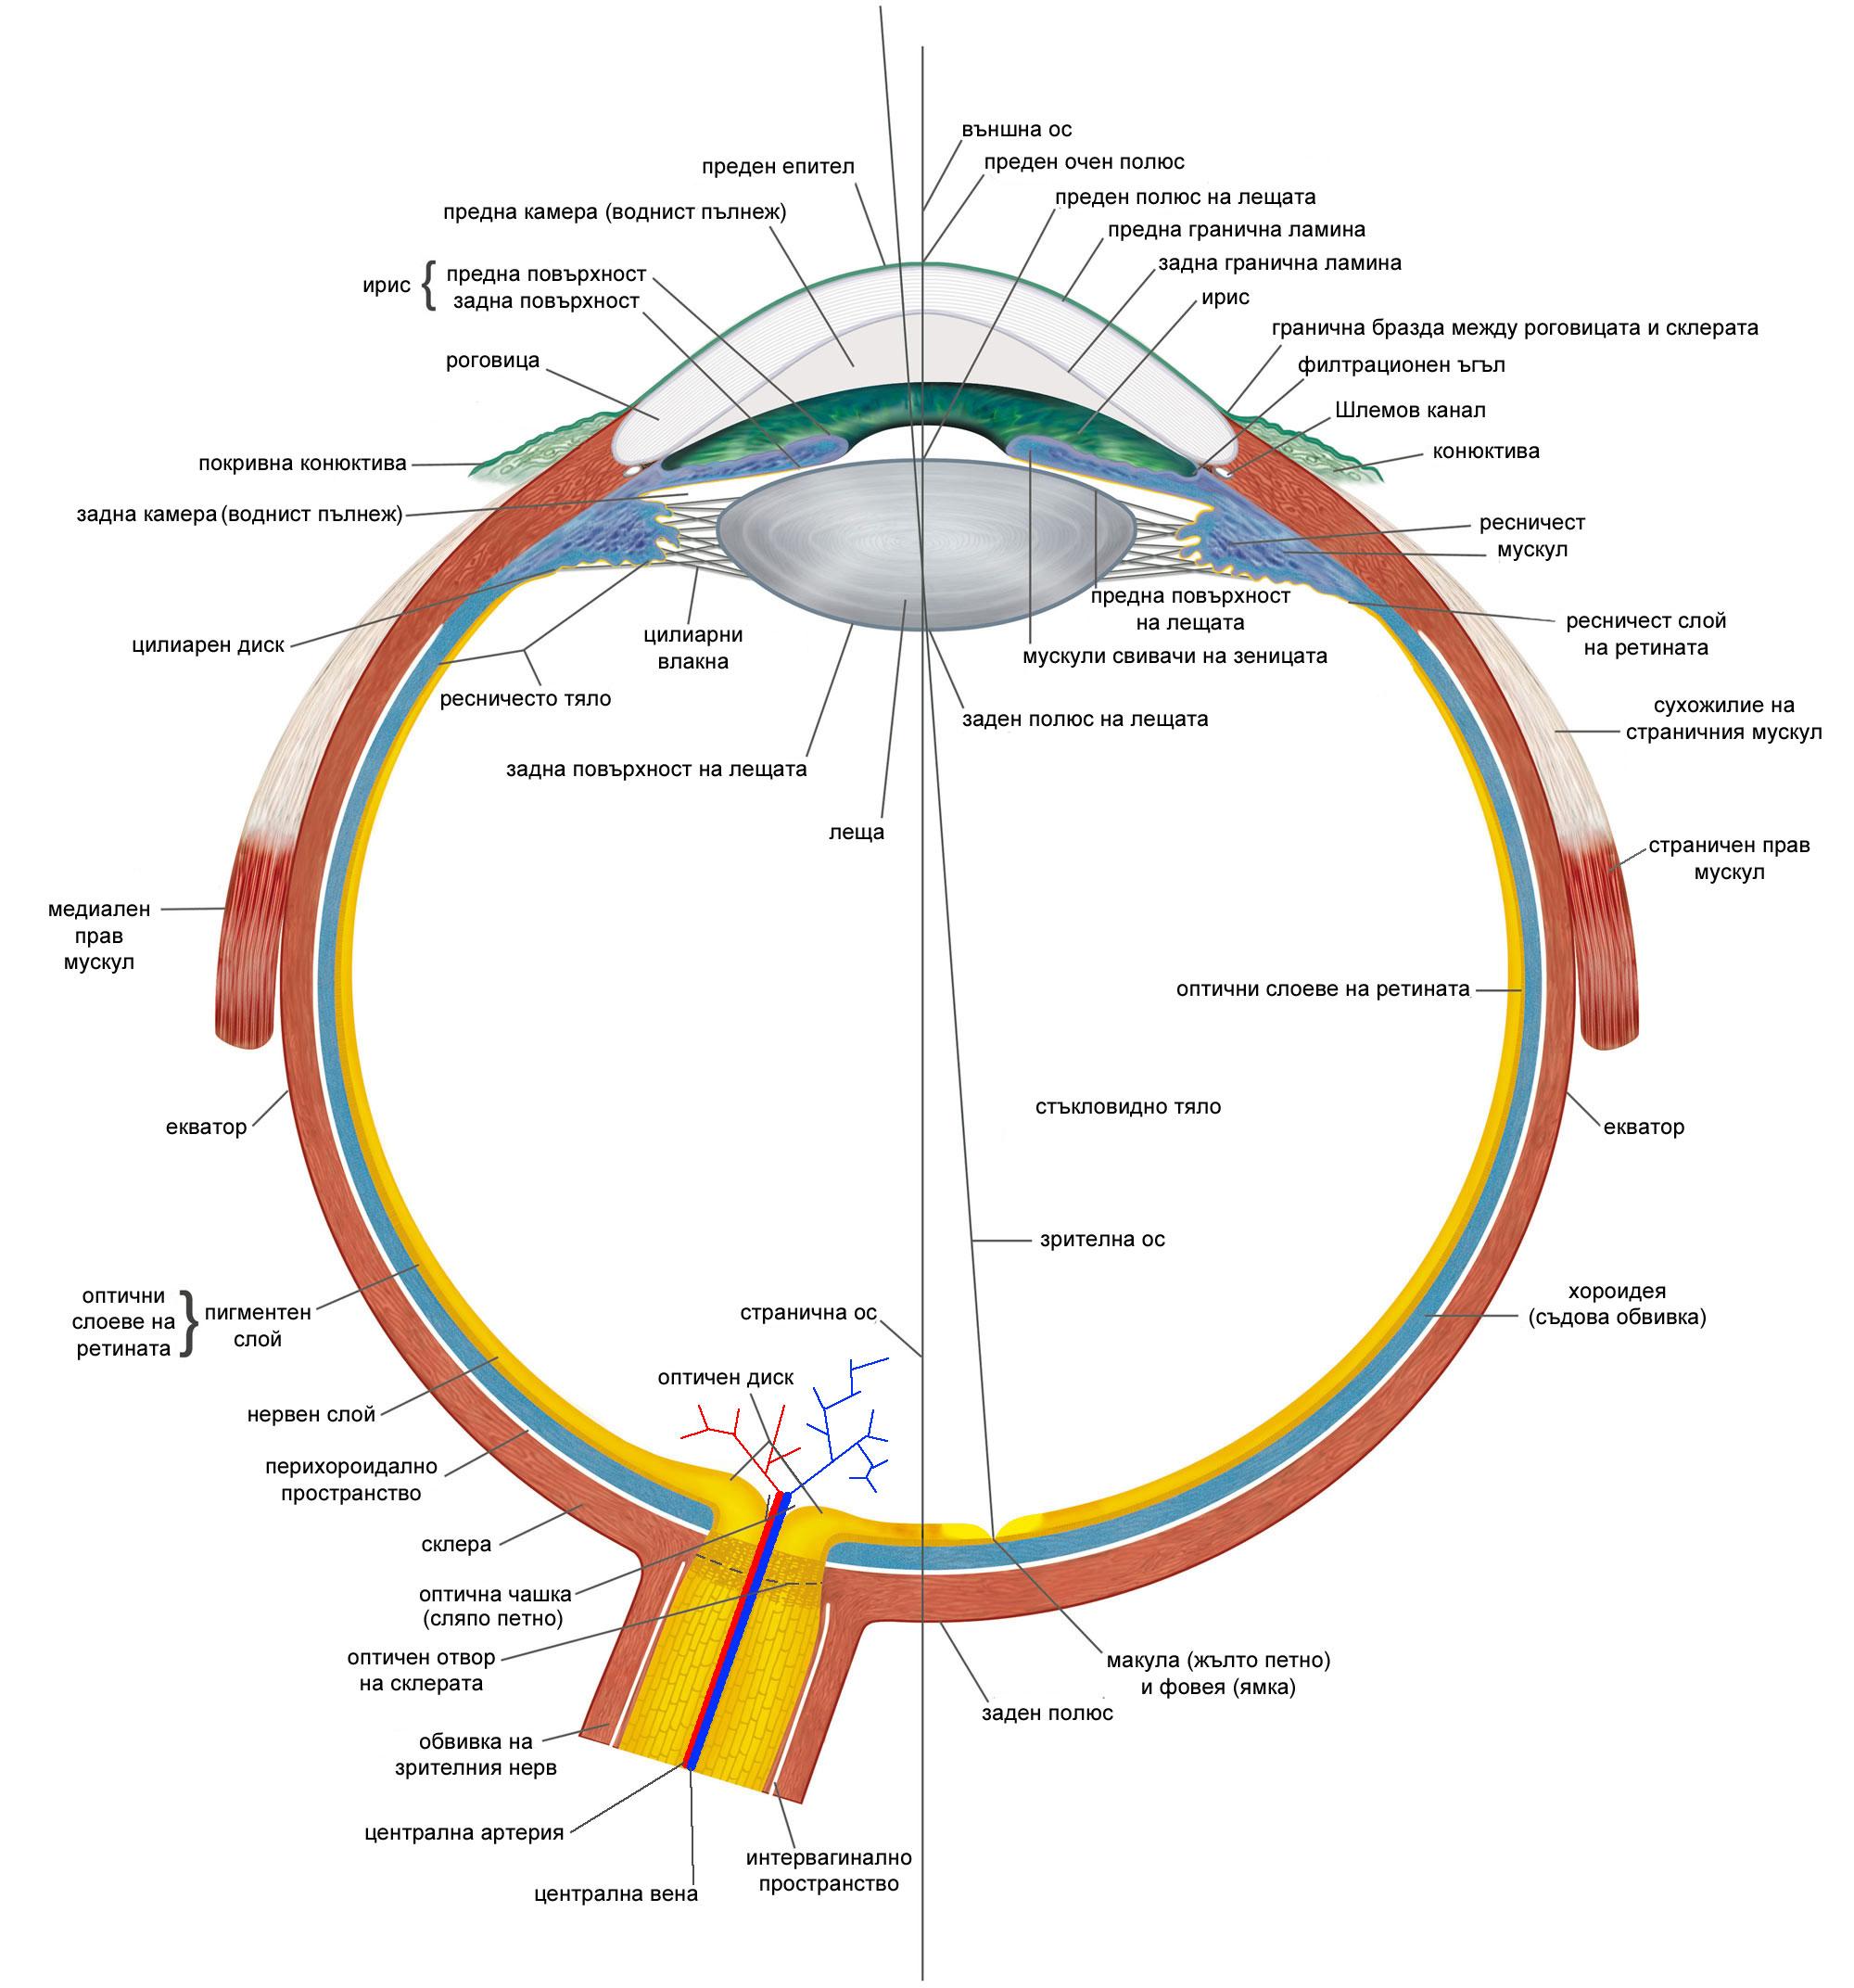 анатомично устройство на око - зрителна сетивна система